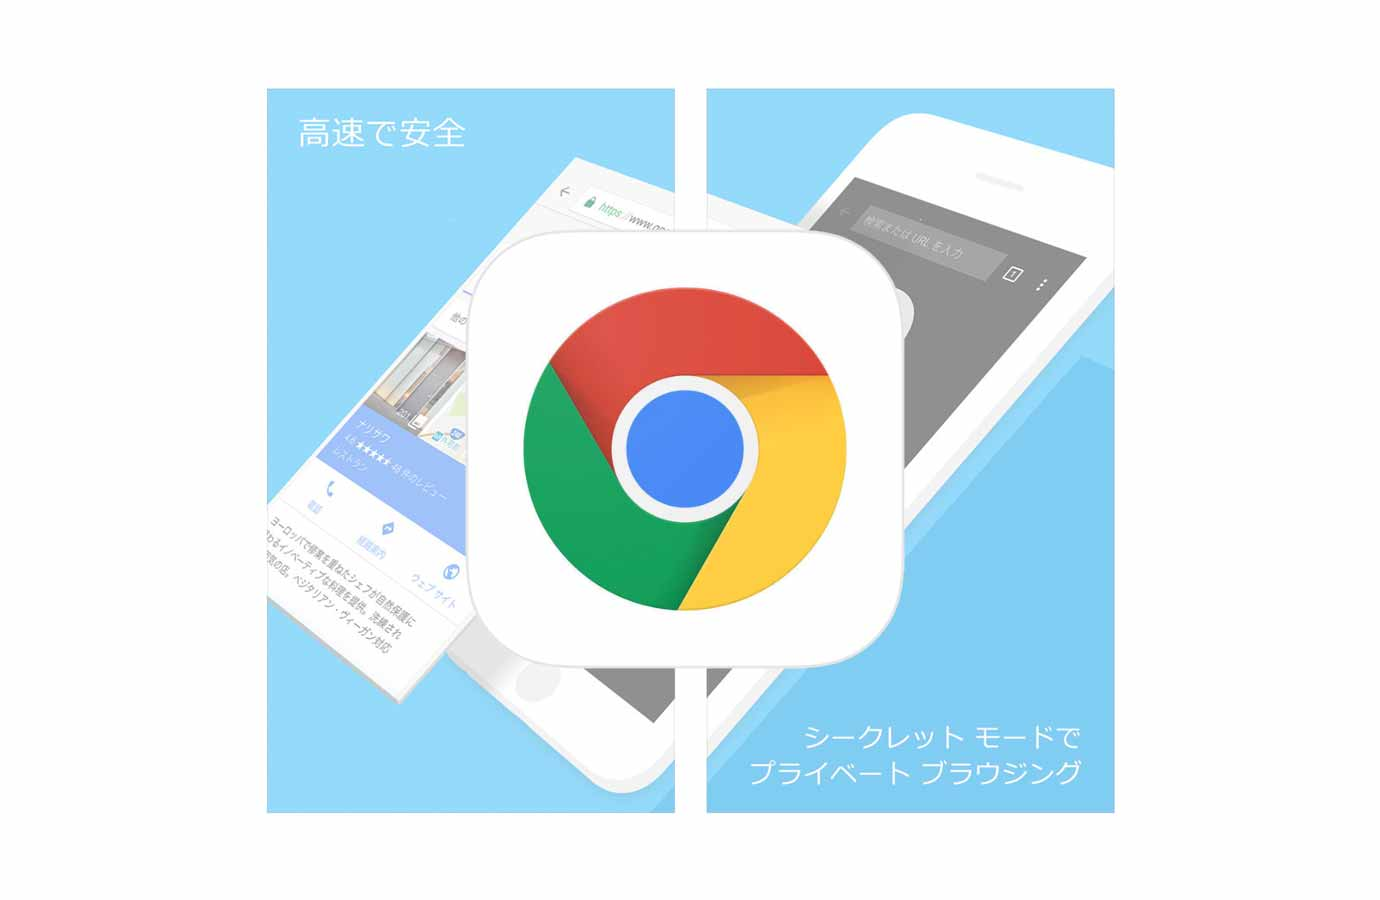 Google、iOSアプリ「Chrome」アップデートで新たなウィジェットやiPadでURLのドラッグ&ドロップに対応